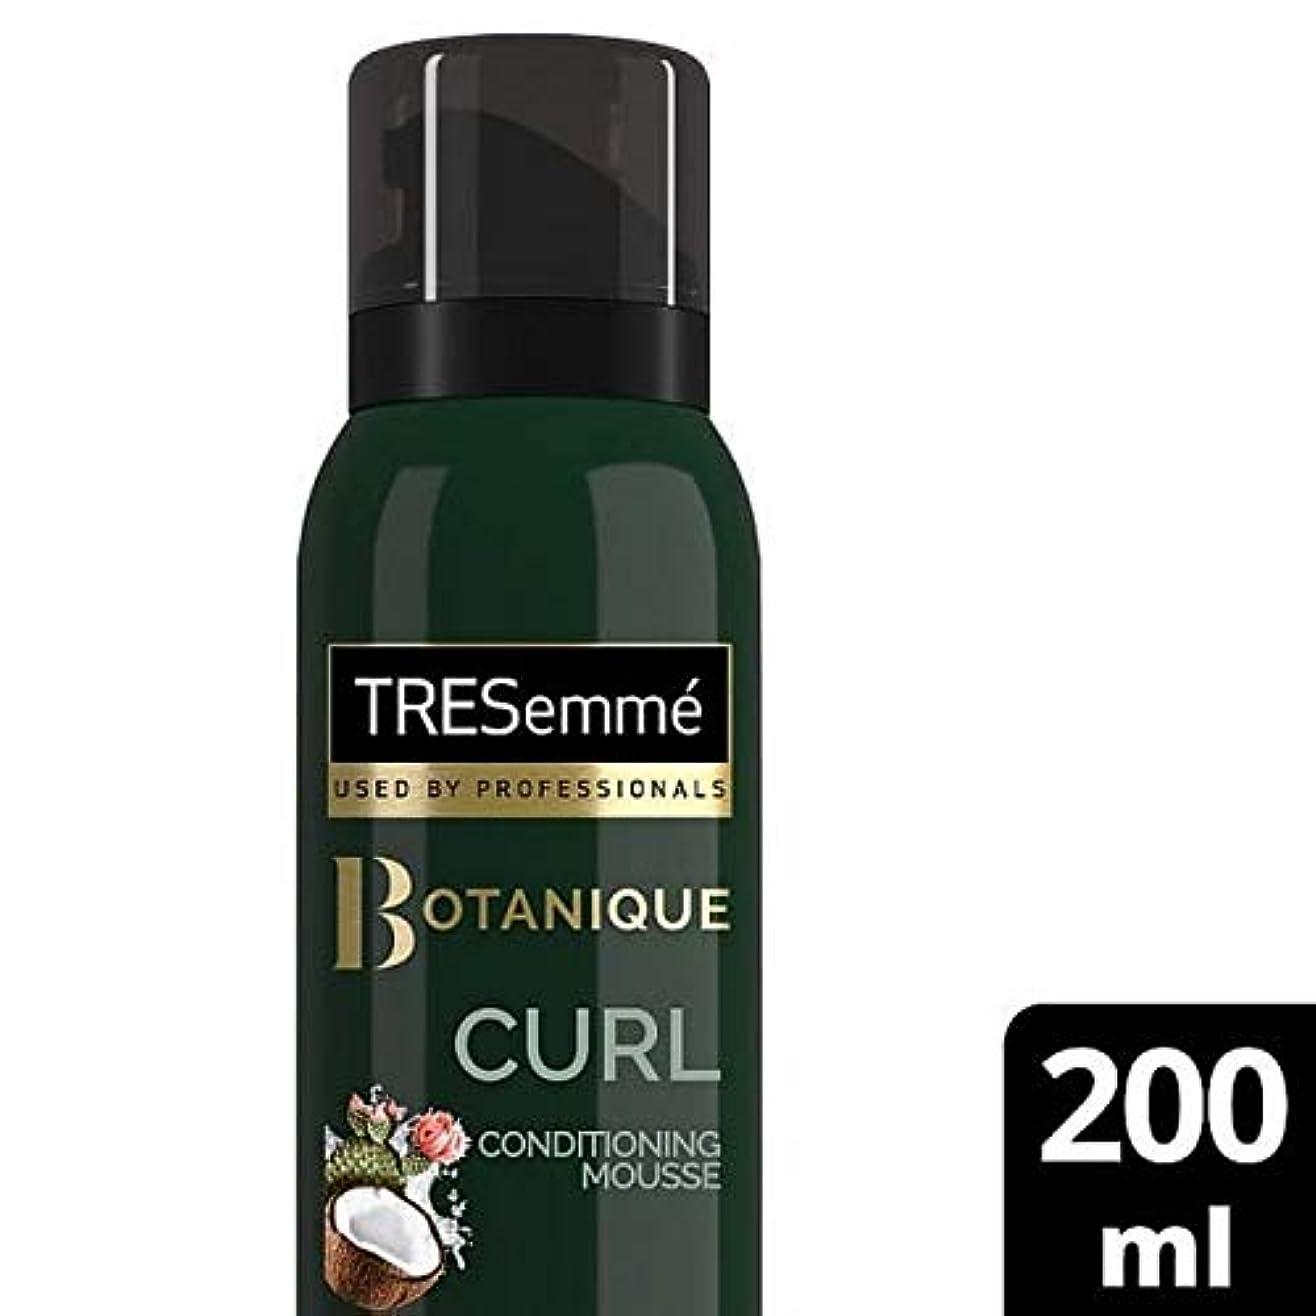 証言請求特権的[Tresemme] Tresemmeカールコンディショニングムース20ミリリットル - TRESemme Curl Conditioning Mousse 20ml [並行輸入品]